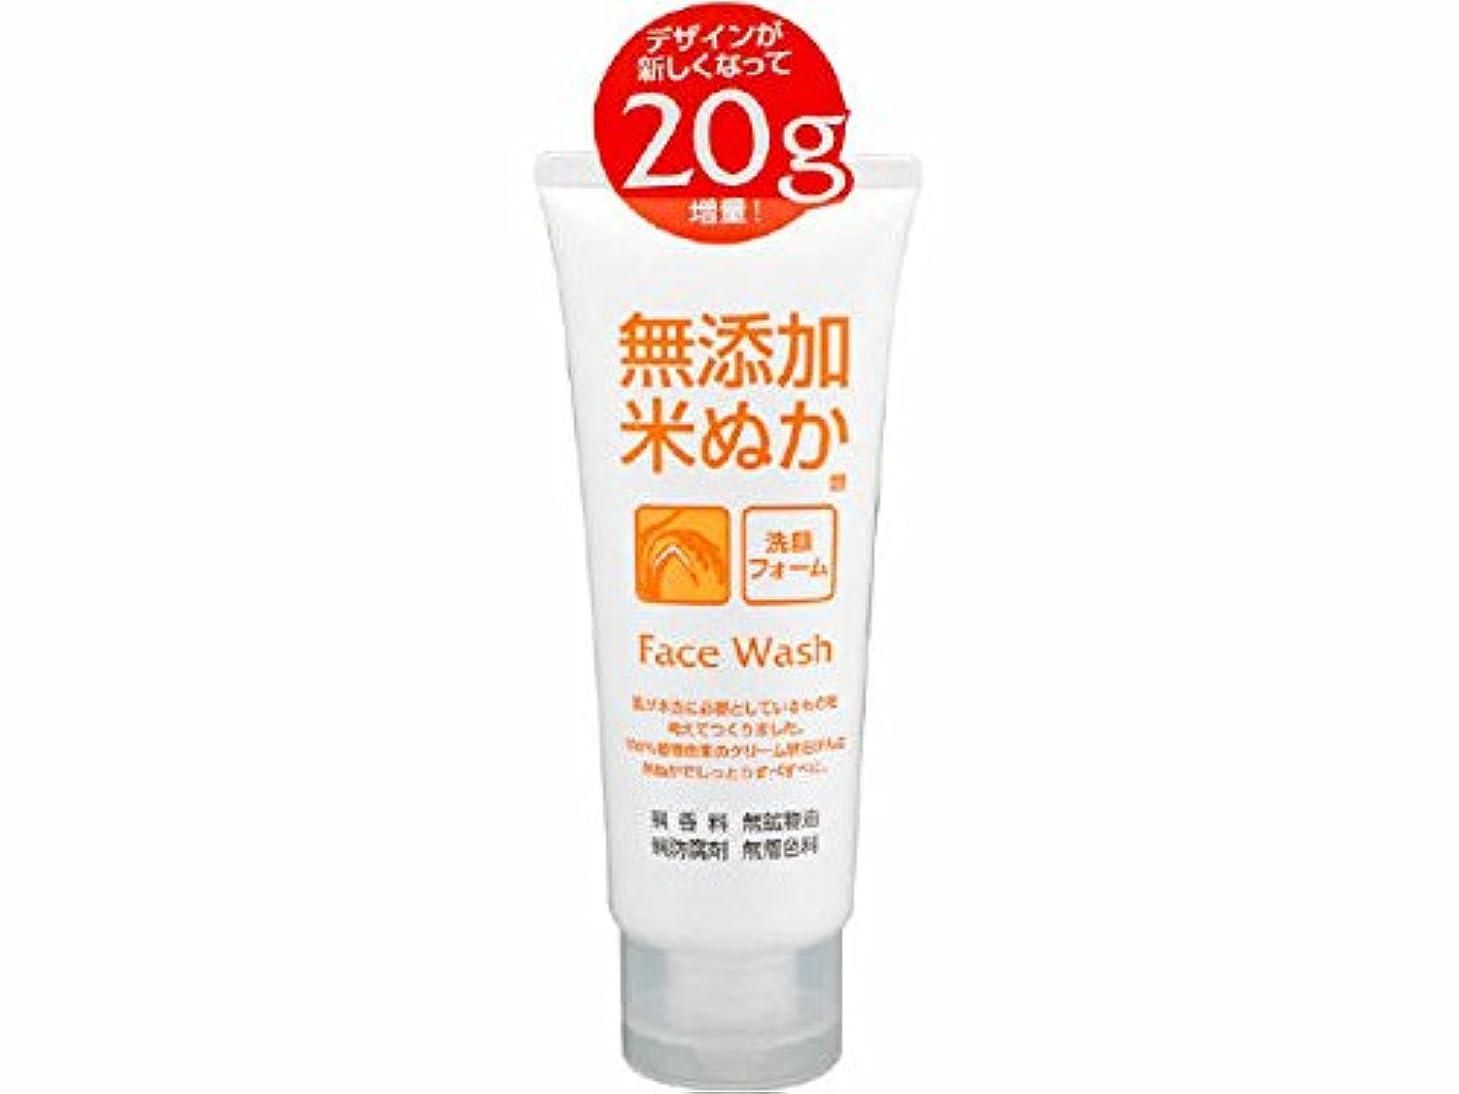 異なるメドレー持ってるロゼット(ROSETTE) 無添加米ぬか 洗顔フォーム 140g 100%植物由来のクリーム状石けんに米ぬかエキスを配合した洗顔フォーム×48点セット (4901696534069)